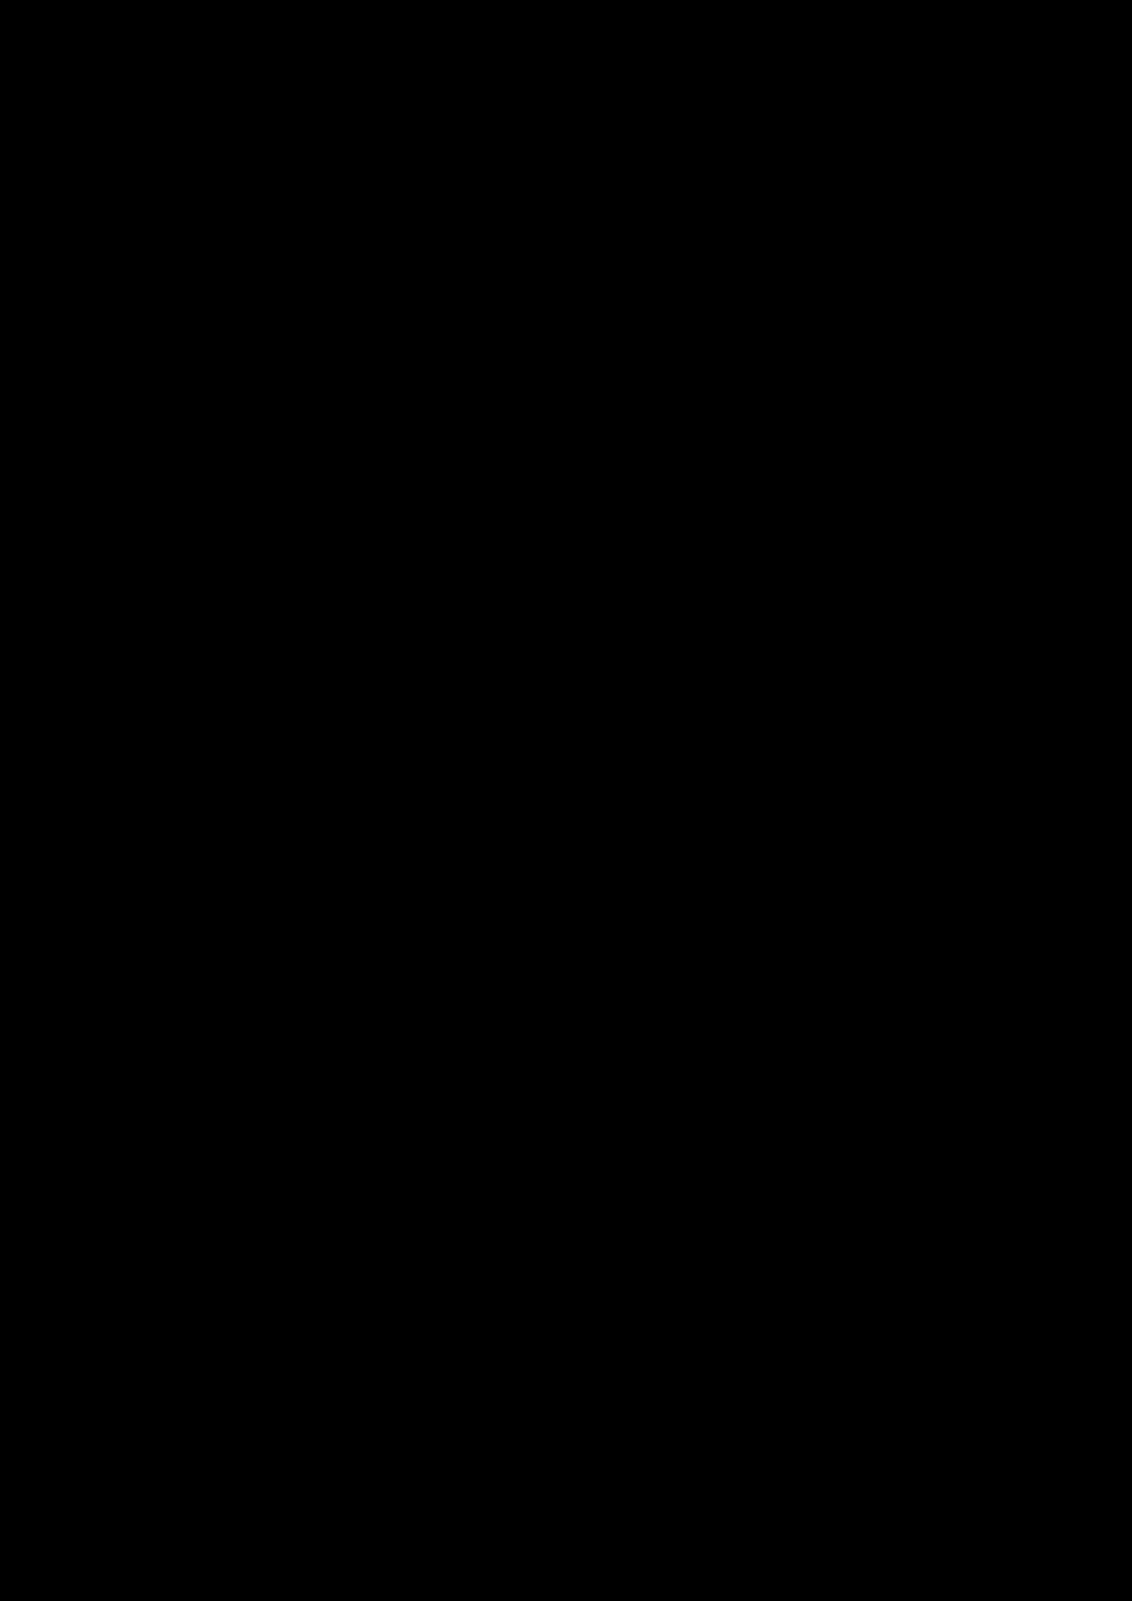 Zagadka volshebnoy stranyi slide, Image 56